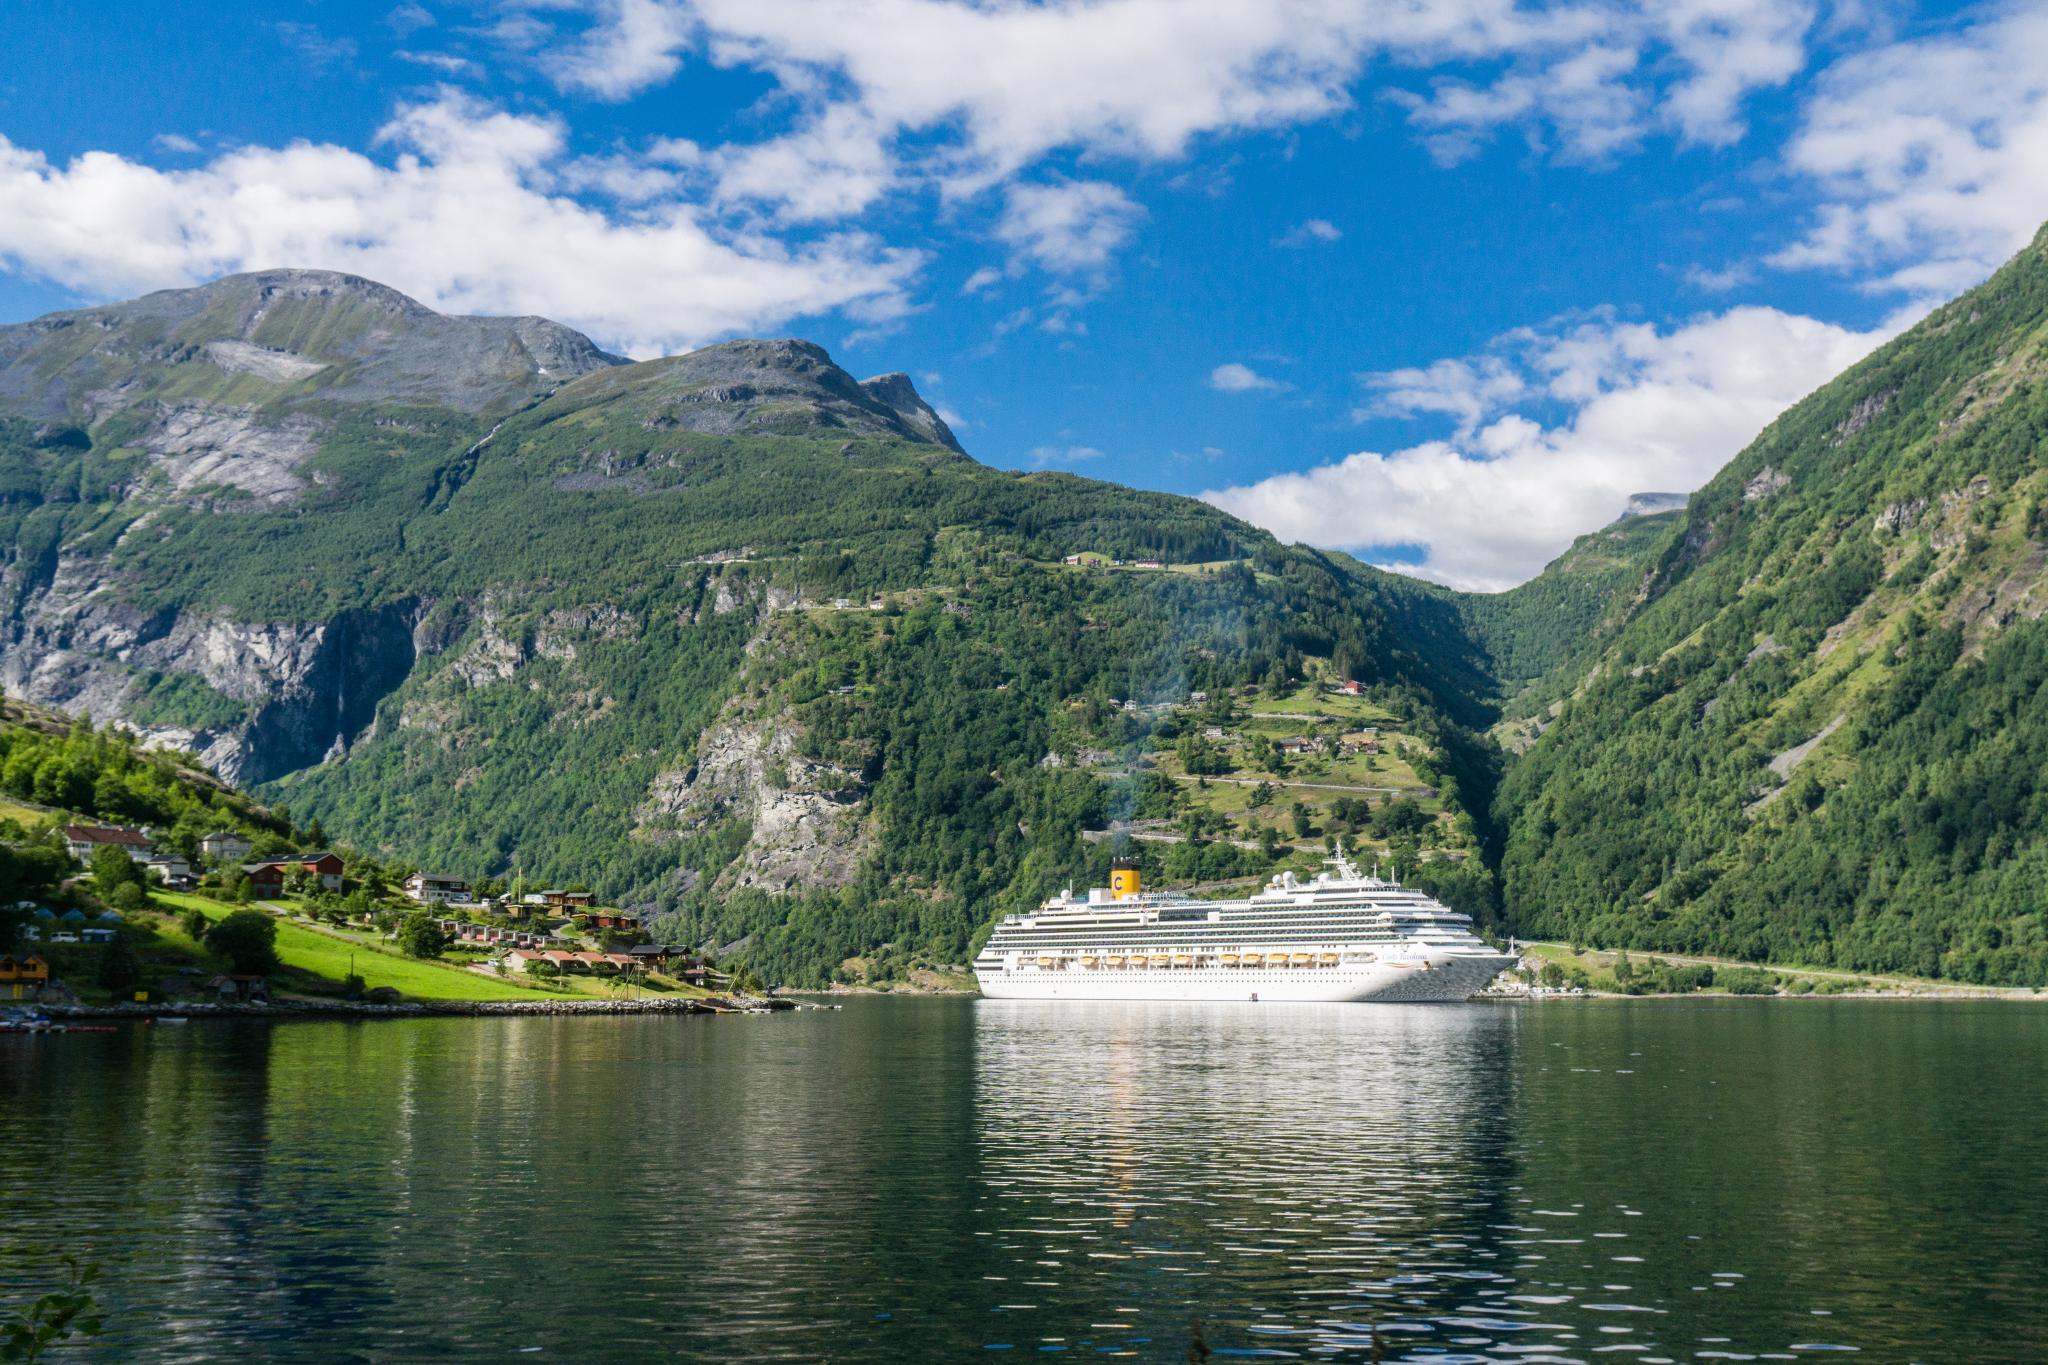 【北歐景點】Ørnesvingen 老鷹之路 ∣ 挪威世界遺產 — 蓋倫格峽灣景點總整理 19